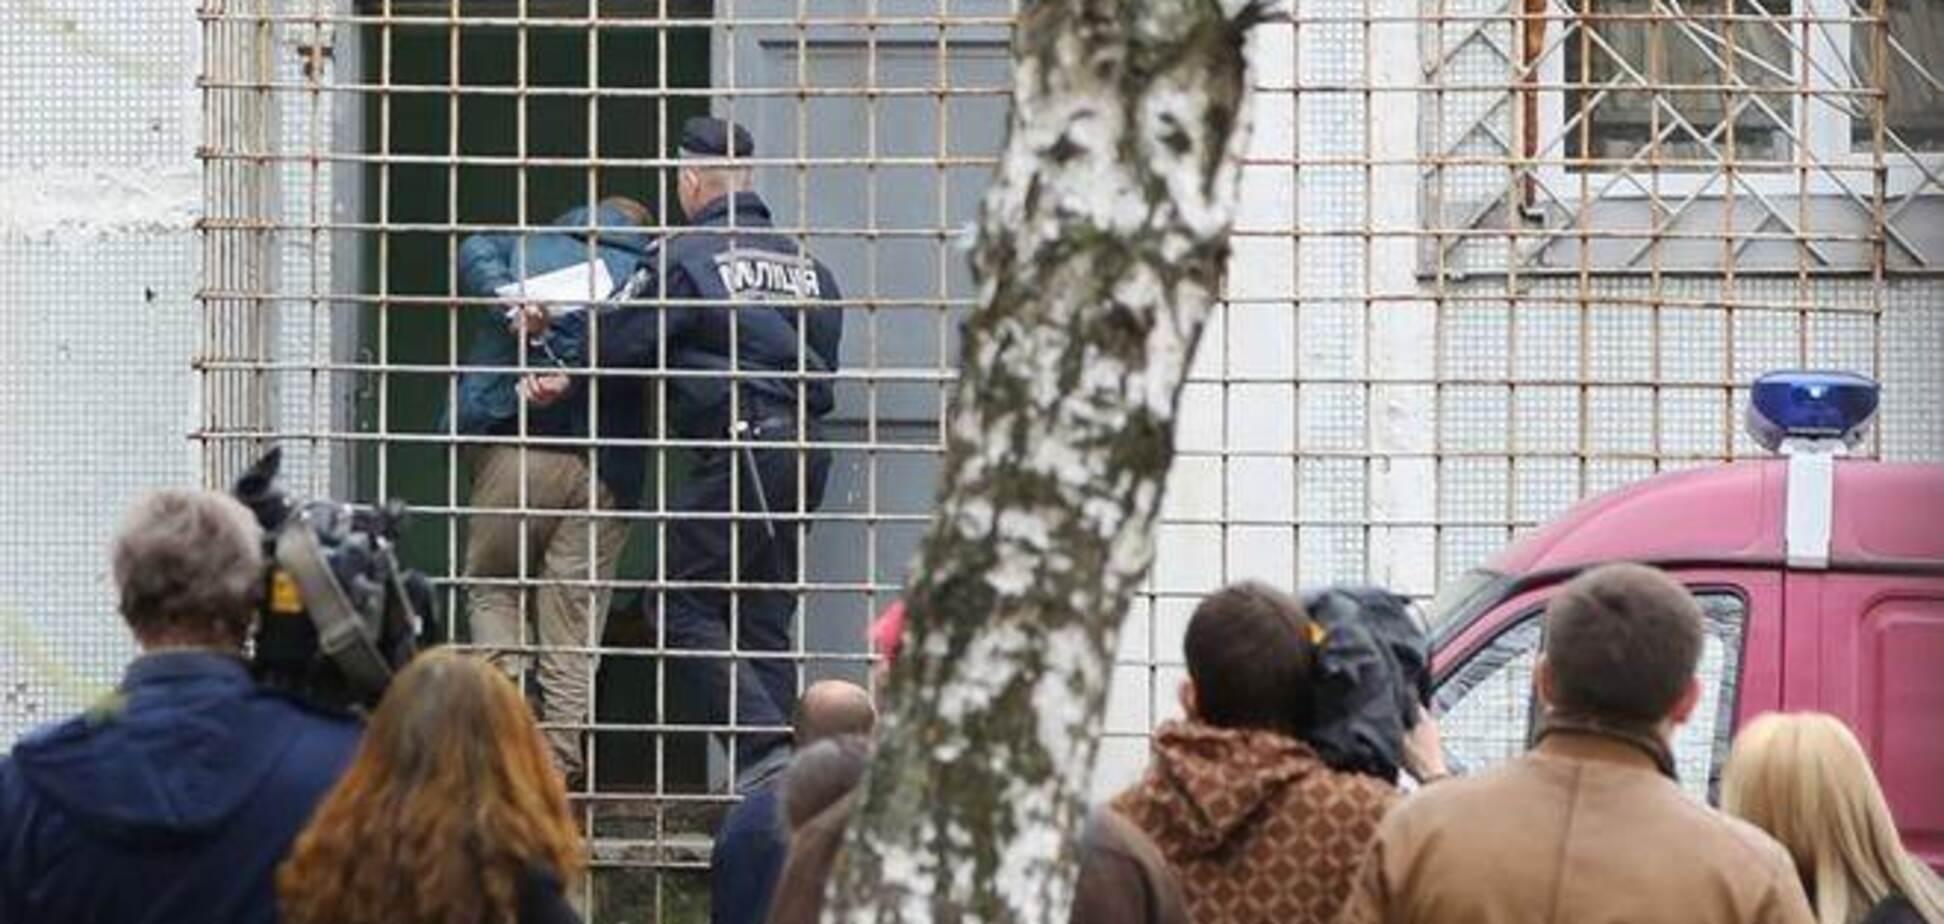 Прокуратура выдвинула обвинения 65 задержанным в Харькове сепаратистам